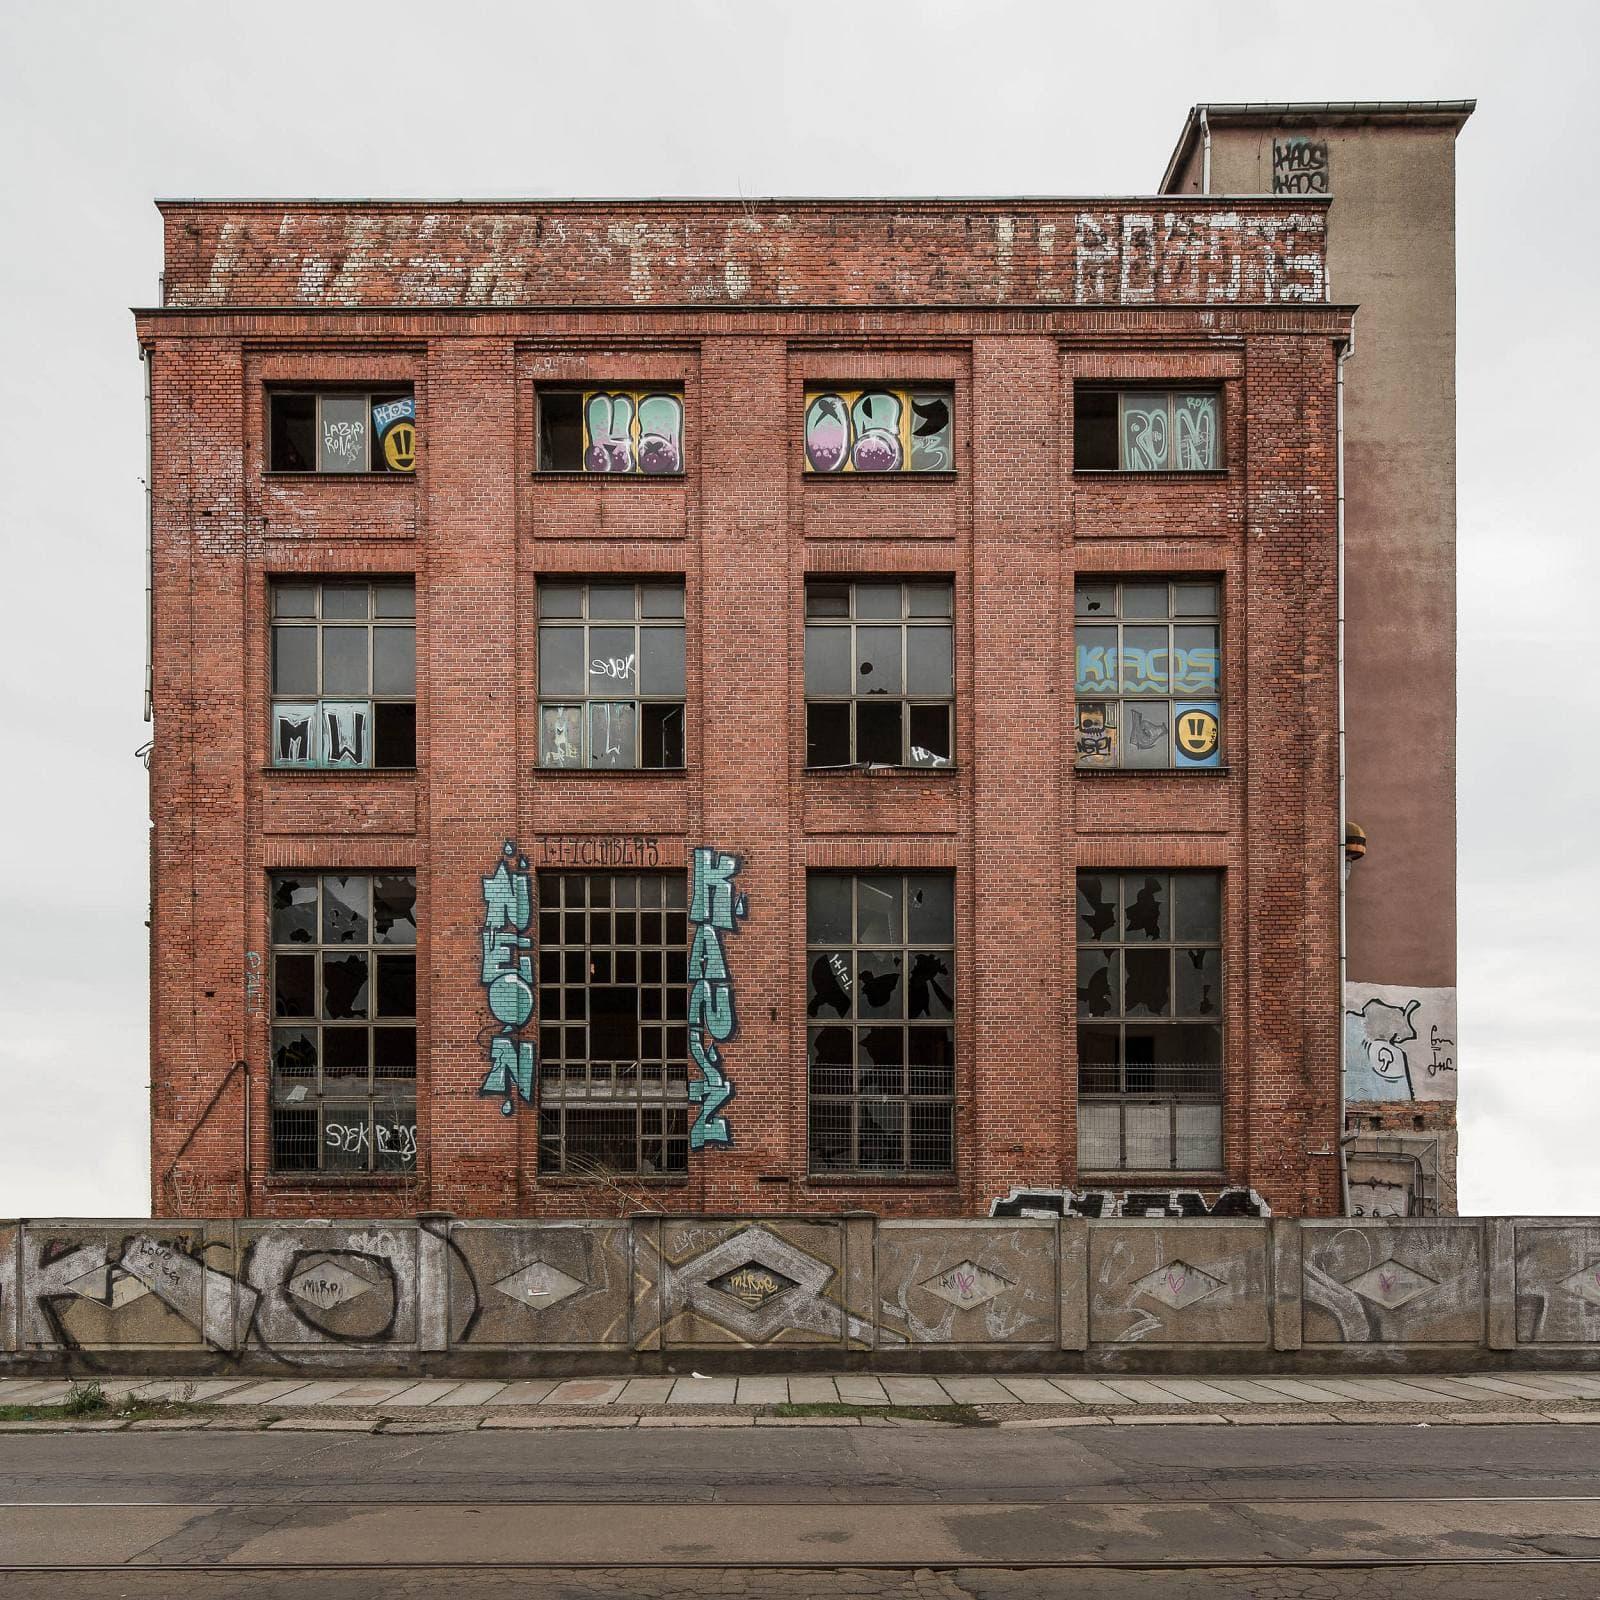 Regentaucher Architekturfotografie | Awaiting Leipzig Swiderski West